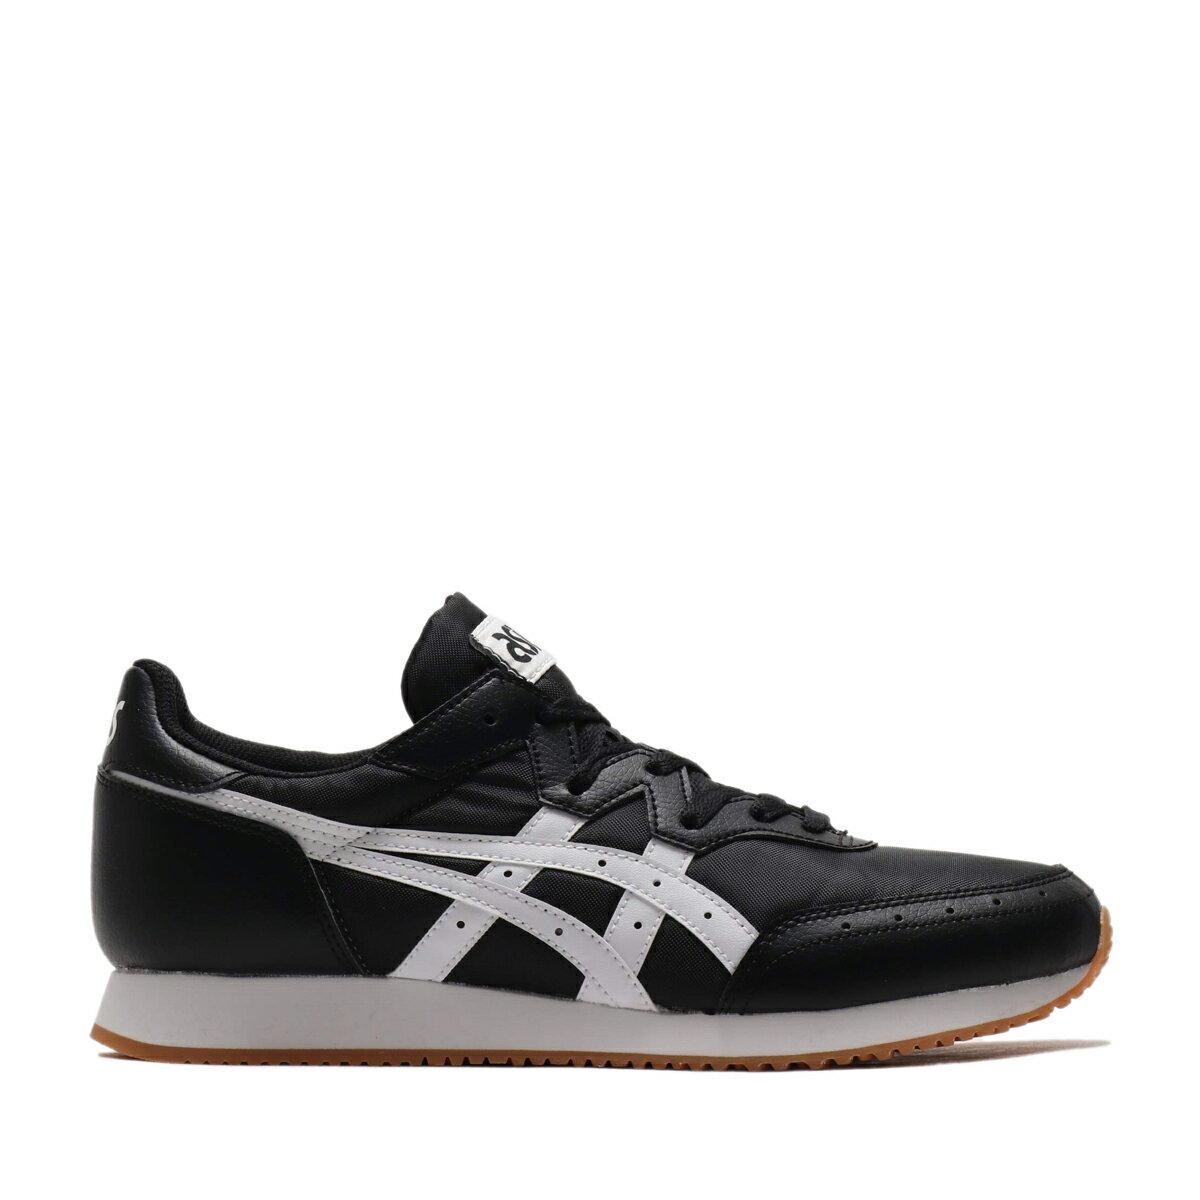 メンズ靴, スニーカー asics TARTHER OG(BLACKWHITE)( )19SS-I